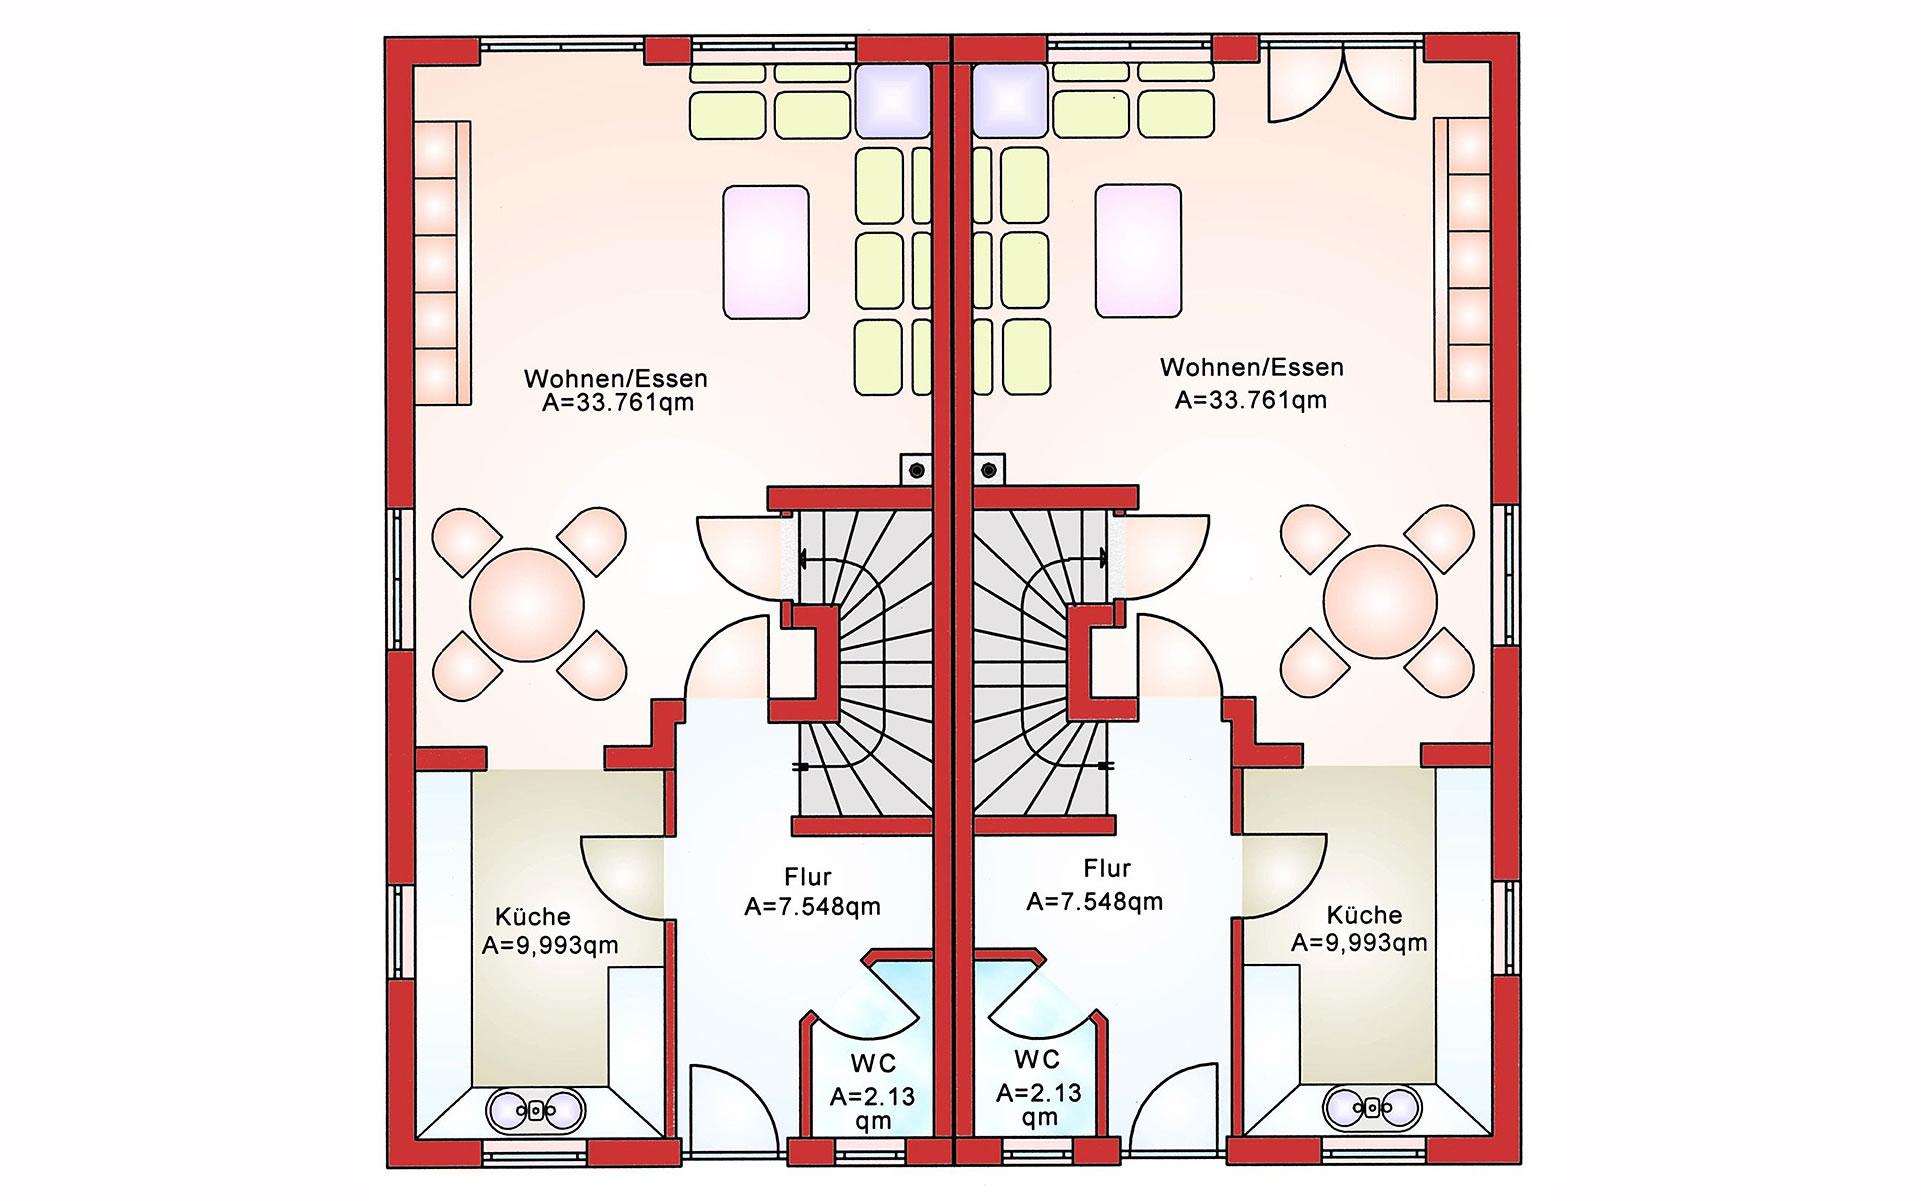 Erdgeschoss Doppelhaushälfte BS 103 von B&S Selbstbausysteme GmbH & Co. KG